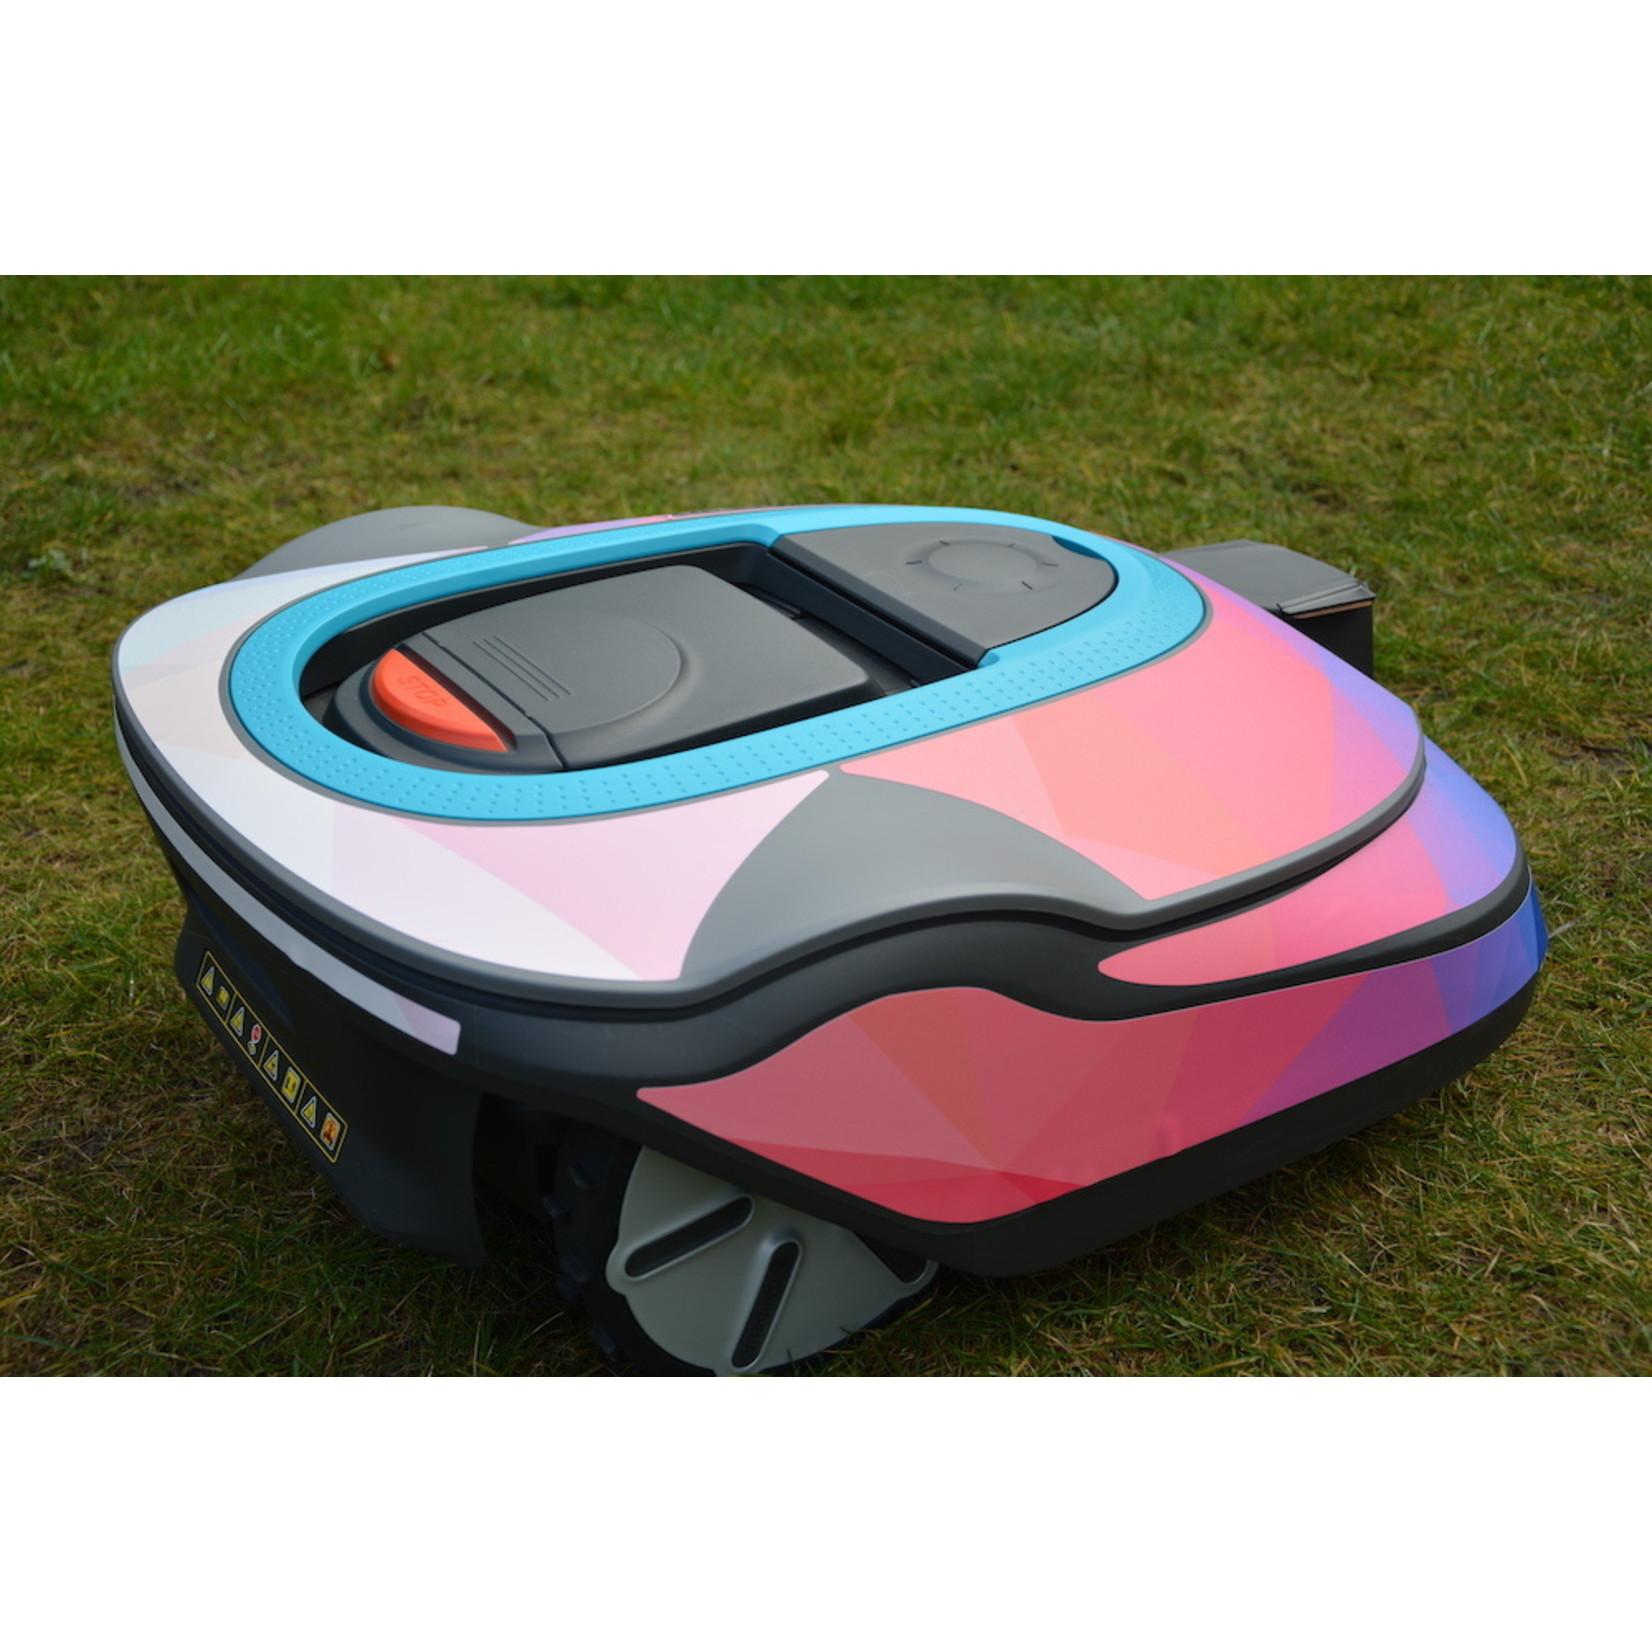 Twinckels Twinckels outfit voor Gardena Robotmaaier Sileno - Geo Roze